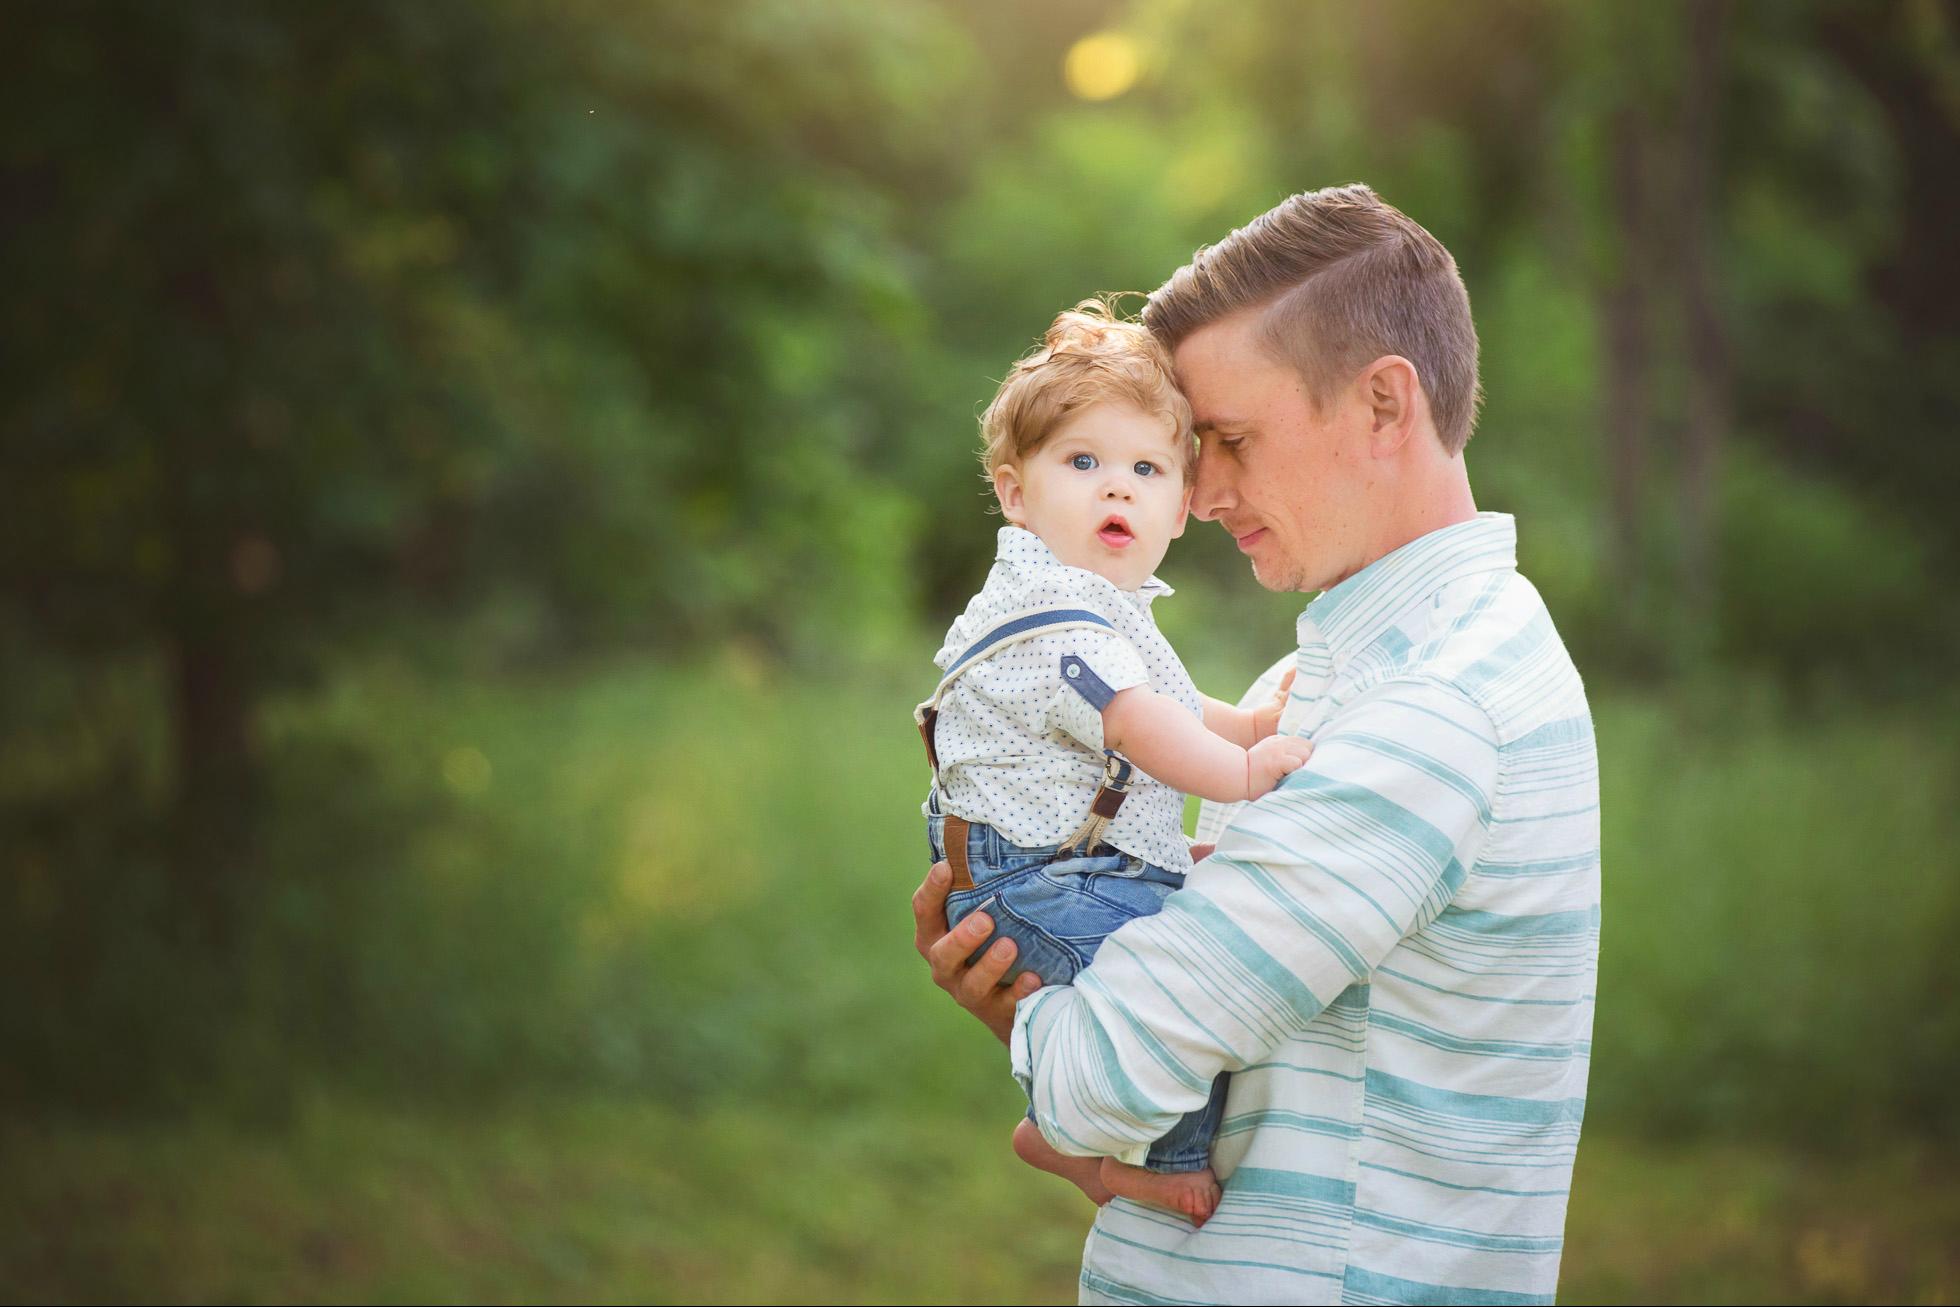 Vatertag Fotoschooting: Eine tolle Idee für Geschenk